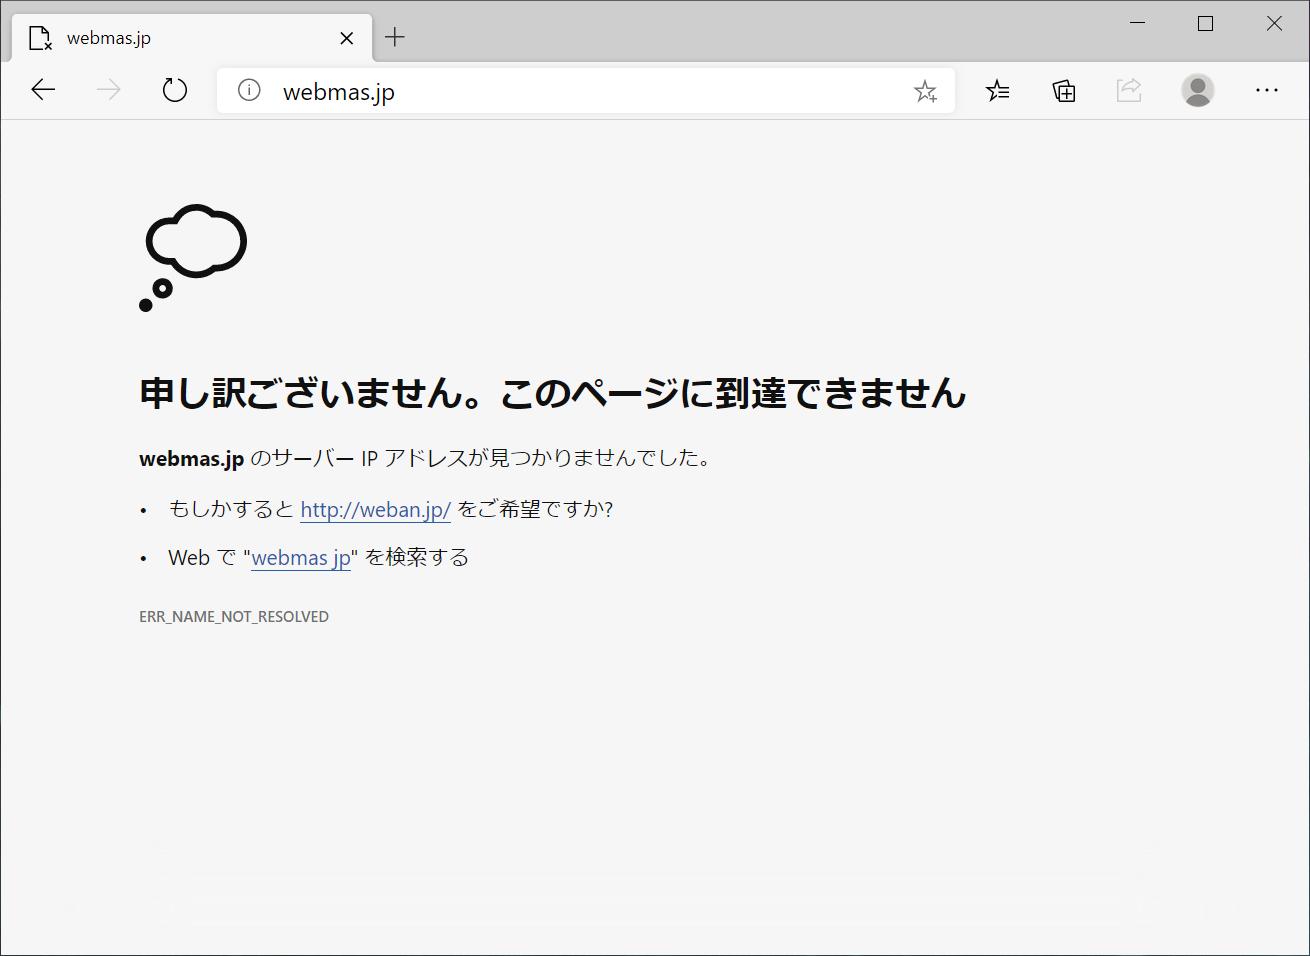 ページにアクセスできないというメッセージが表示されたウインドウ